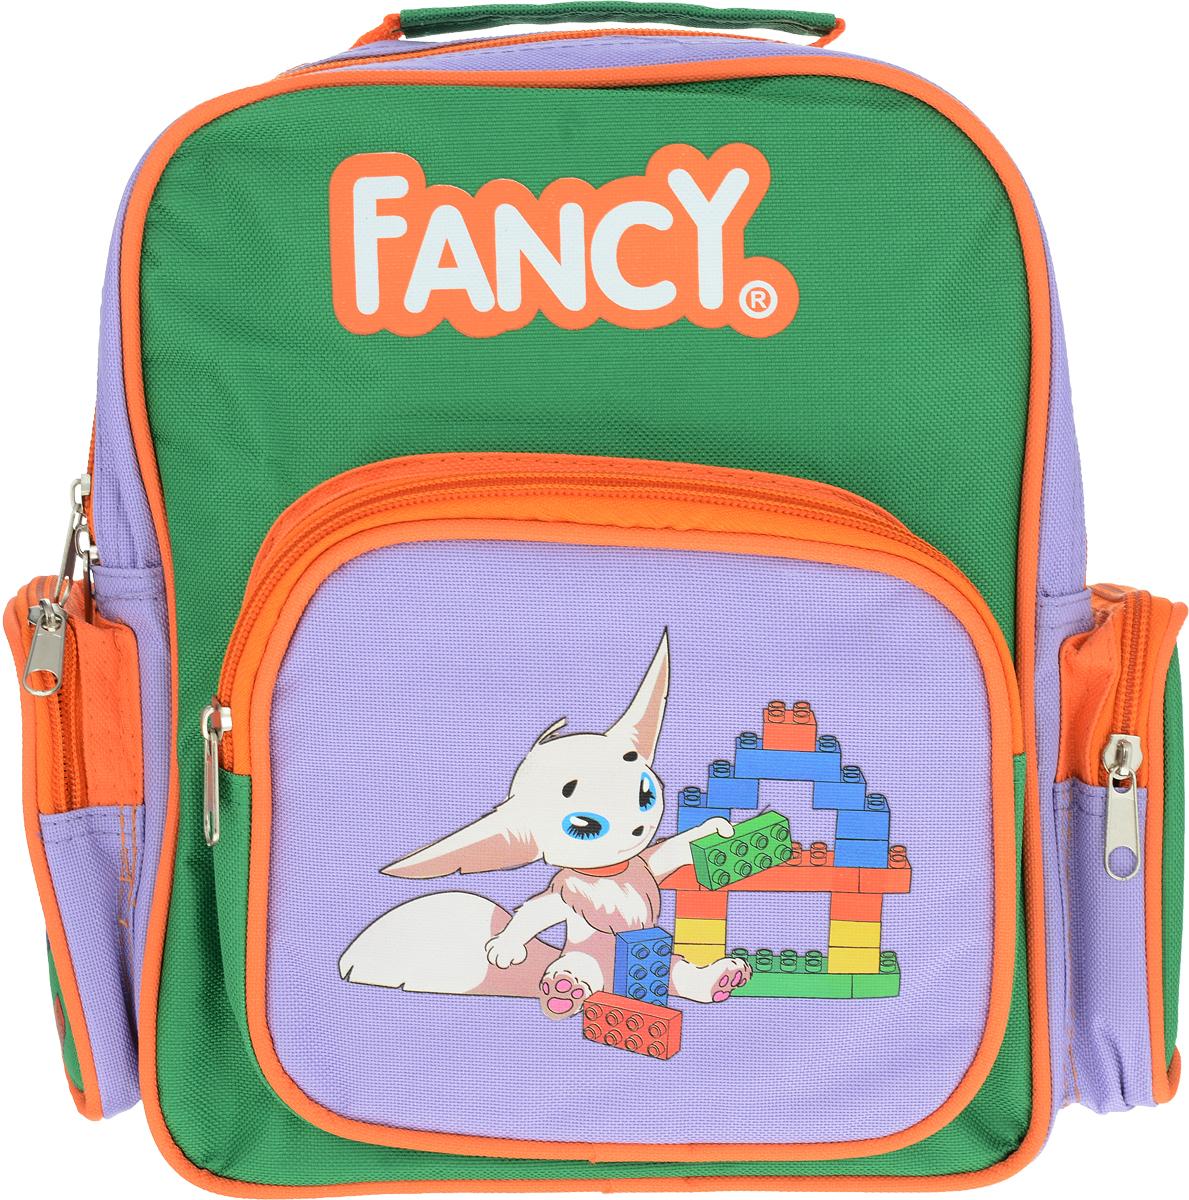 Action! Рюкзак дошкольный цвет зеленый сиреневыйAKB0002/1Дошкольный рюкзак Action! - это удобный, легкий и компактный аксессуар для вашего малыша, который обязательно пригодится для прогулок и детского сада.В его внутреннее отделение на застежке-молнии можно положить игрушки, предметы для творчества или книжку формата А5. По бокам рюкзак оснащен двумя карманами на молниях.Благодаря регулируемым лямкам, рюкзачок подходит детям любого роста. Удобная ручка помогает носить аксессуар в руке или размещать на вешалке.Аксессуар декорирован изображением.